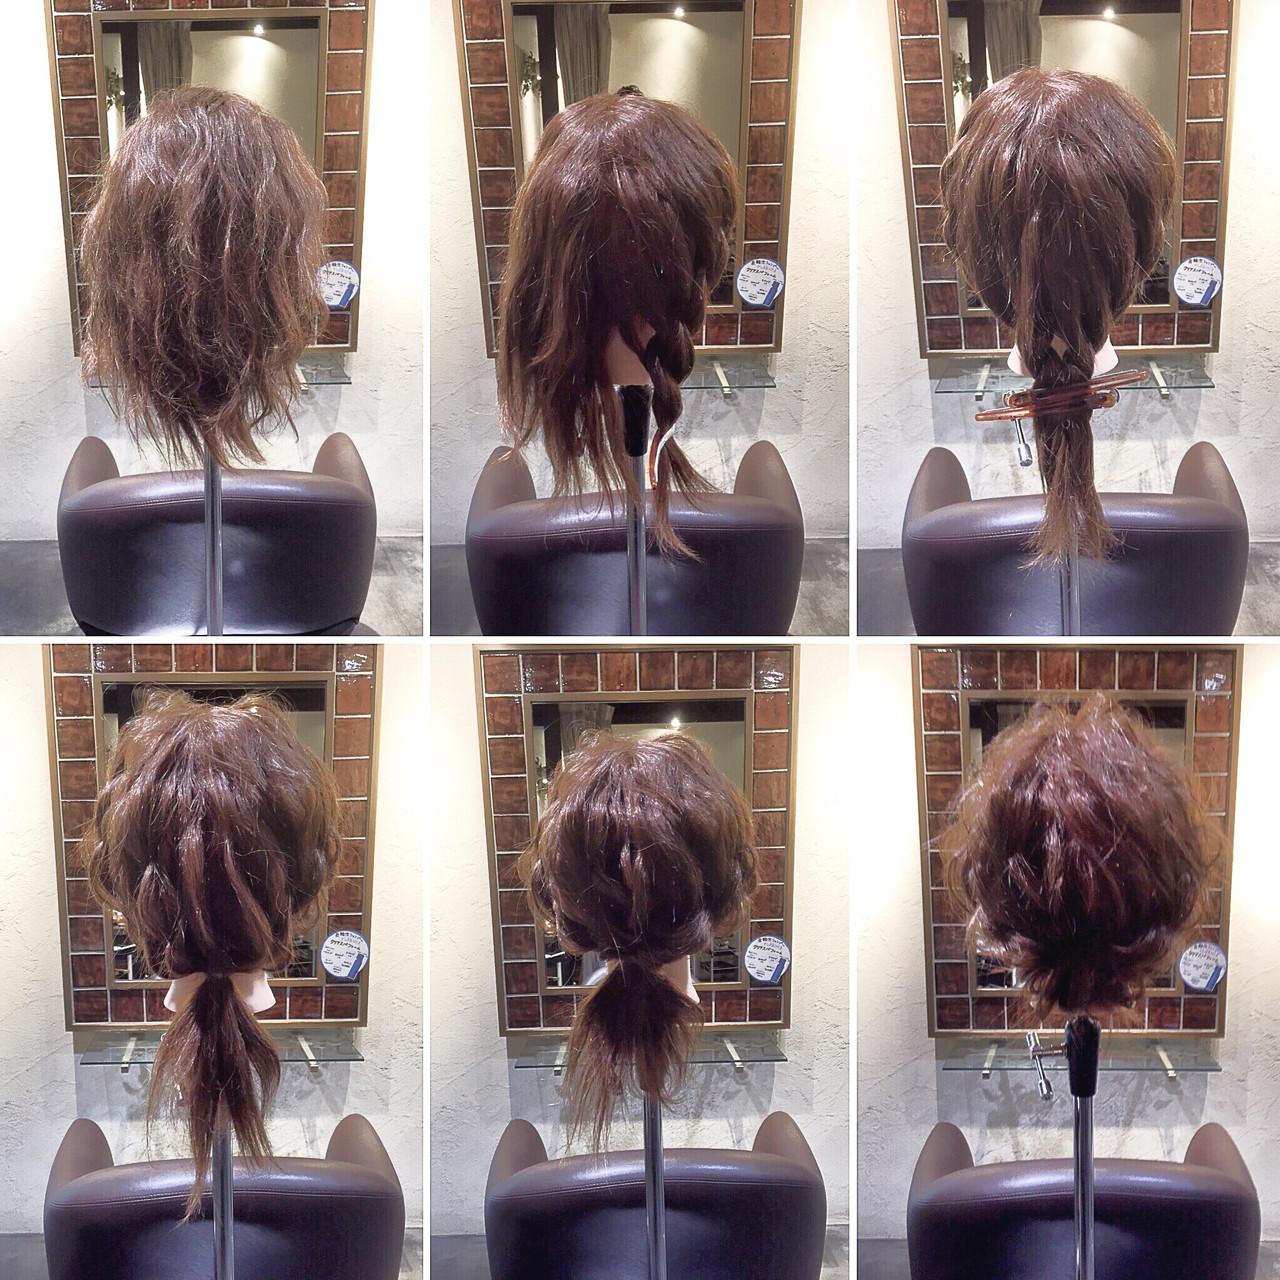 これさえ見ればすぐできる!簡単3ステップ♡ギブソンタックのやり方を公開! 衣笠 雅俊  LOGICA HAIR DESIGN